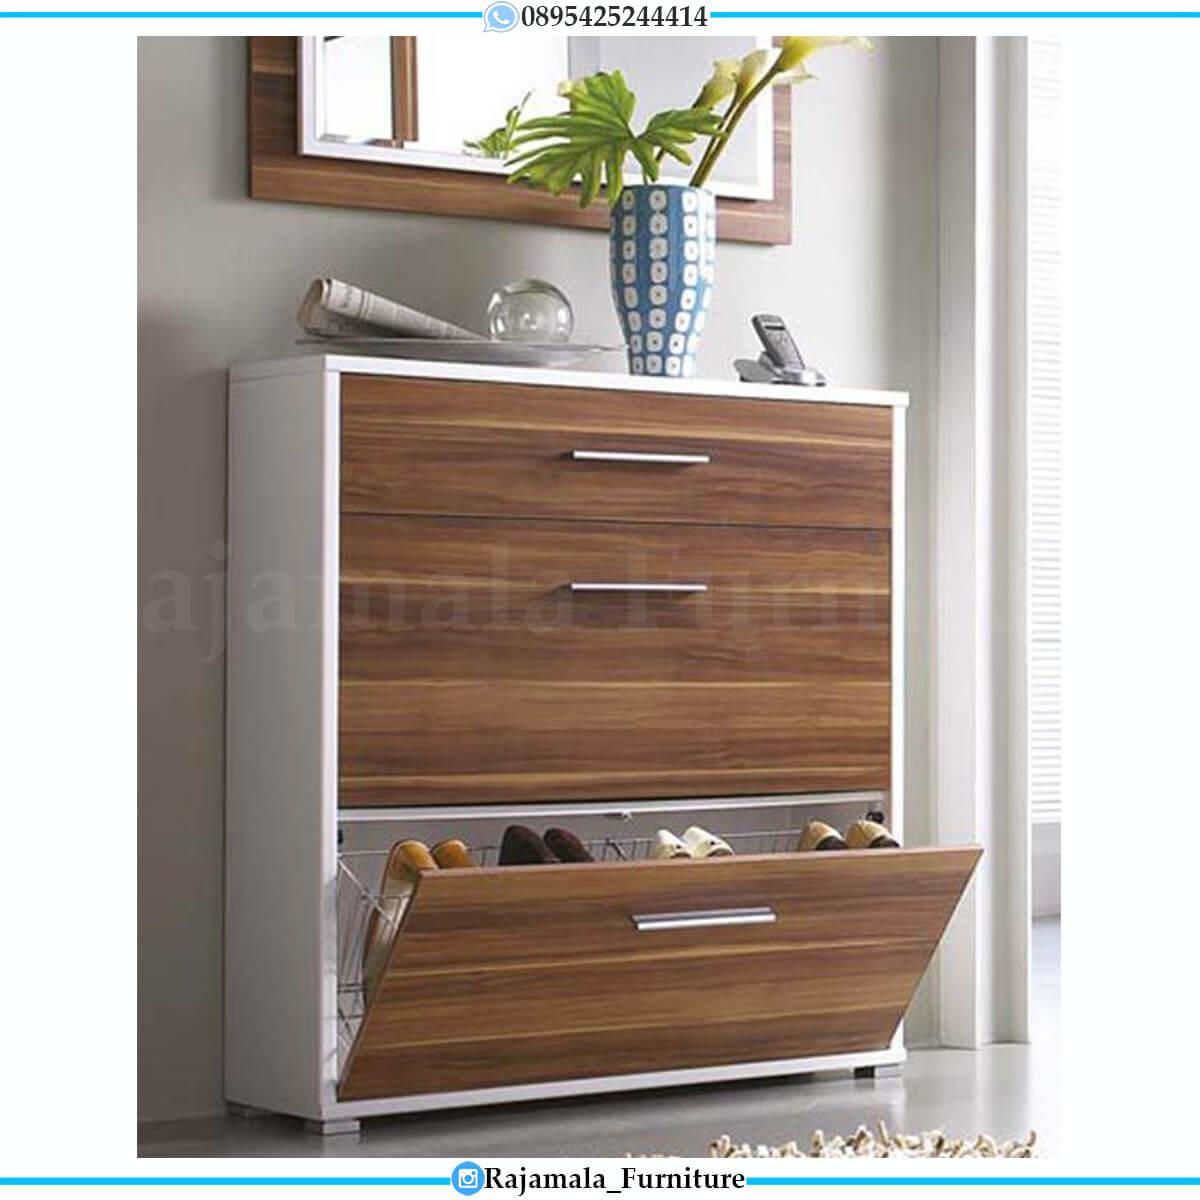 Harga Rak Sepatu Minimalis Kayu Furniture Jepara Luxury Modern RM-0564